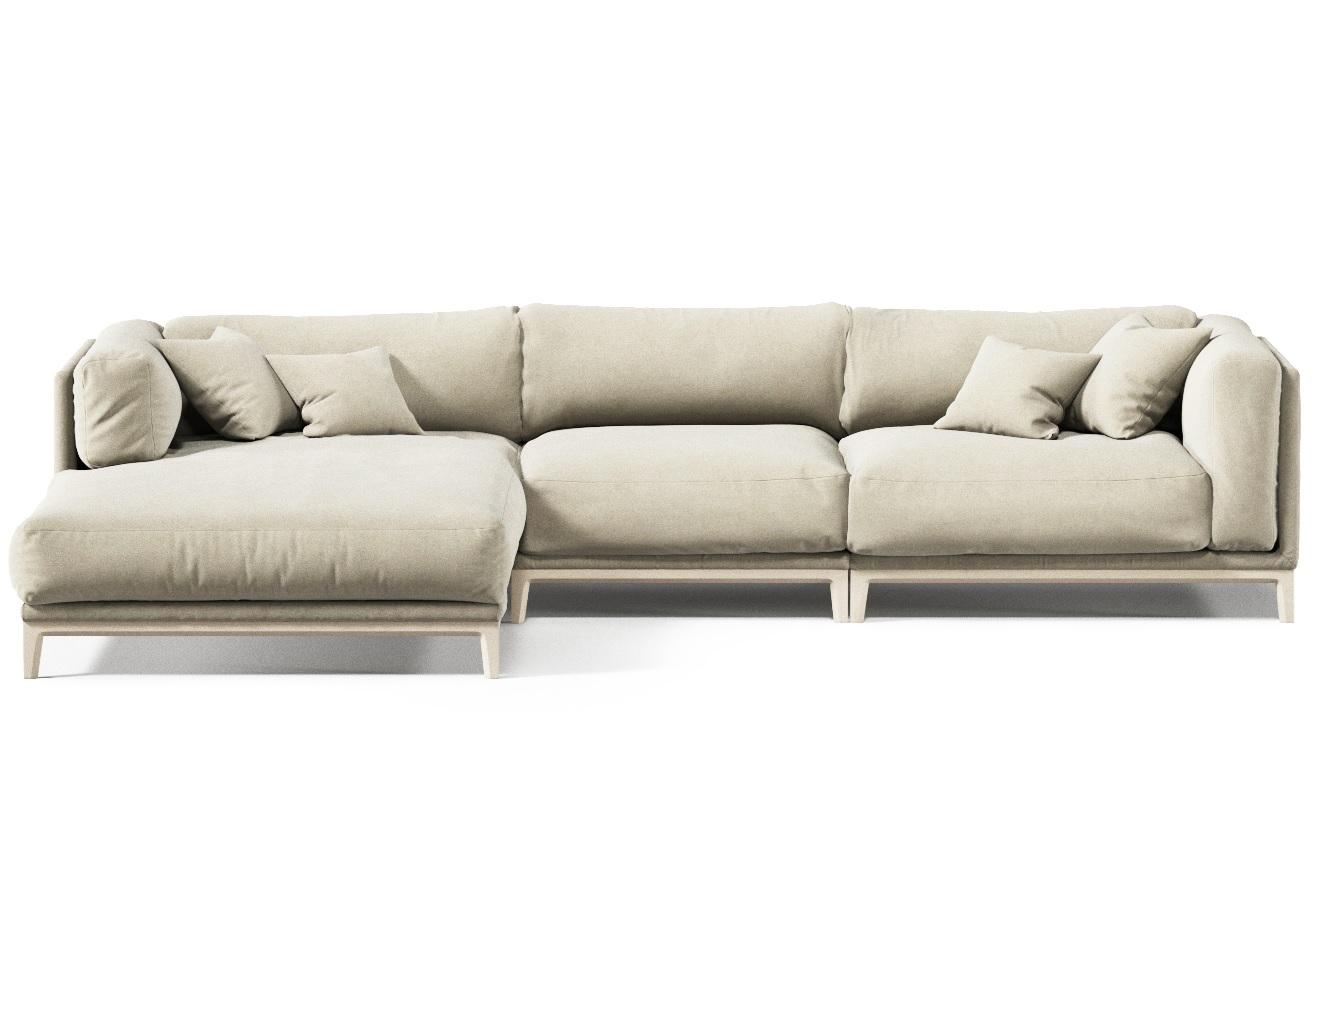 Диван Case 4Угловые диваны<br>&amp;lt;div&amp;gt;Эта модель четырехместного дивана подойдет в любые помещения благодаря модульной конструкции, современному дизайну и эргономичному наполнителю. Объемные подушки из прорезиненного пенополиуретана нескольких степеней жесткости вместе с удобной глубокой посадкой создают необычайно комфортную зону отдыха и легко восстанавливают форму.&amp;lt;br&amp;gt;&amp;lt;/div&amp;gt;&amp;lt;div&amp;gt;&amp;lt;br&amp;gt;&amp;lt;/div&amp;gt;&amp;lt;div&amp;gt;Все чехлы съемные, их легко стирать. Диваны не имеют оборотной стороны и могут устанавливаться в центре помещения. В комплекте с диваном поставляются декоративные подушки.&amp;amp;nbsp;&amp;lt;div&amp;gt;Диван Case доступен к заказу в нескольких категориях ткани и с 5 вариантами тонировки ножек. Кроме того, возможен заказ дивана Case в индивидуальном размере и в собственной ткани.&amp;lt;/div&amp;gt;&amp;lt;div&amp;gt;Вы можете выбрать любой цвет обивки из палитры. В категории 1 цена без изменения. Категории 2 и 3 цена по запросу у менеджера.&amp;amp;nbsp;&amp;lt;div&amp;gt;Также возможны нестандартные варианты сочетания обивки и отделки дивана. Гарантия на изделия составляет 3 года.&amp;lt;/div&amp;gt;&amp;lt;/div&amp;gt;&amp;lt;/div&amp;gt;<br><br>Material: Текстиль<br>Ширина см: 342<br>Высота см: 80<br>Глубина см: 195